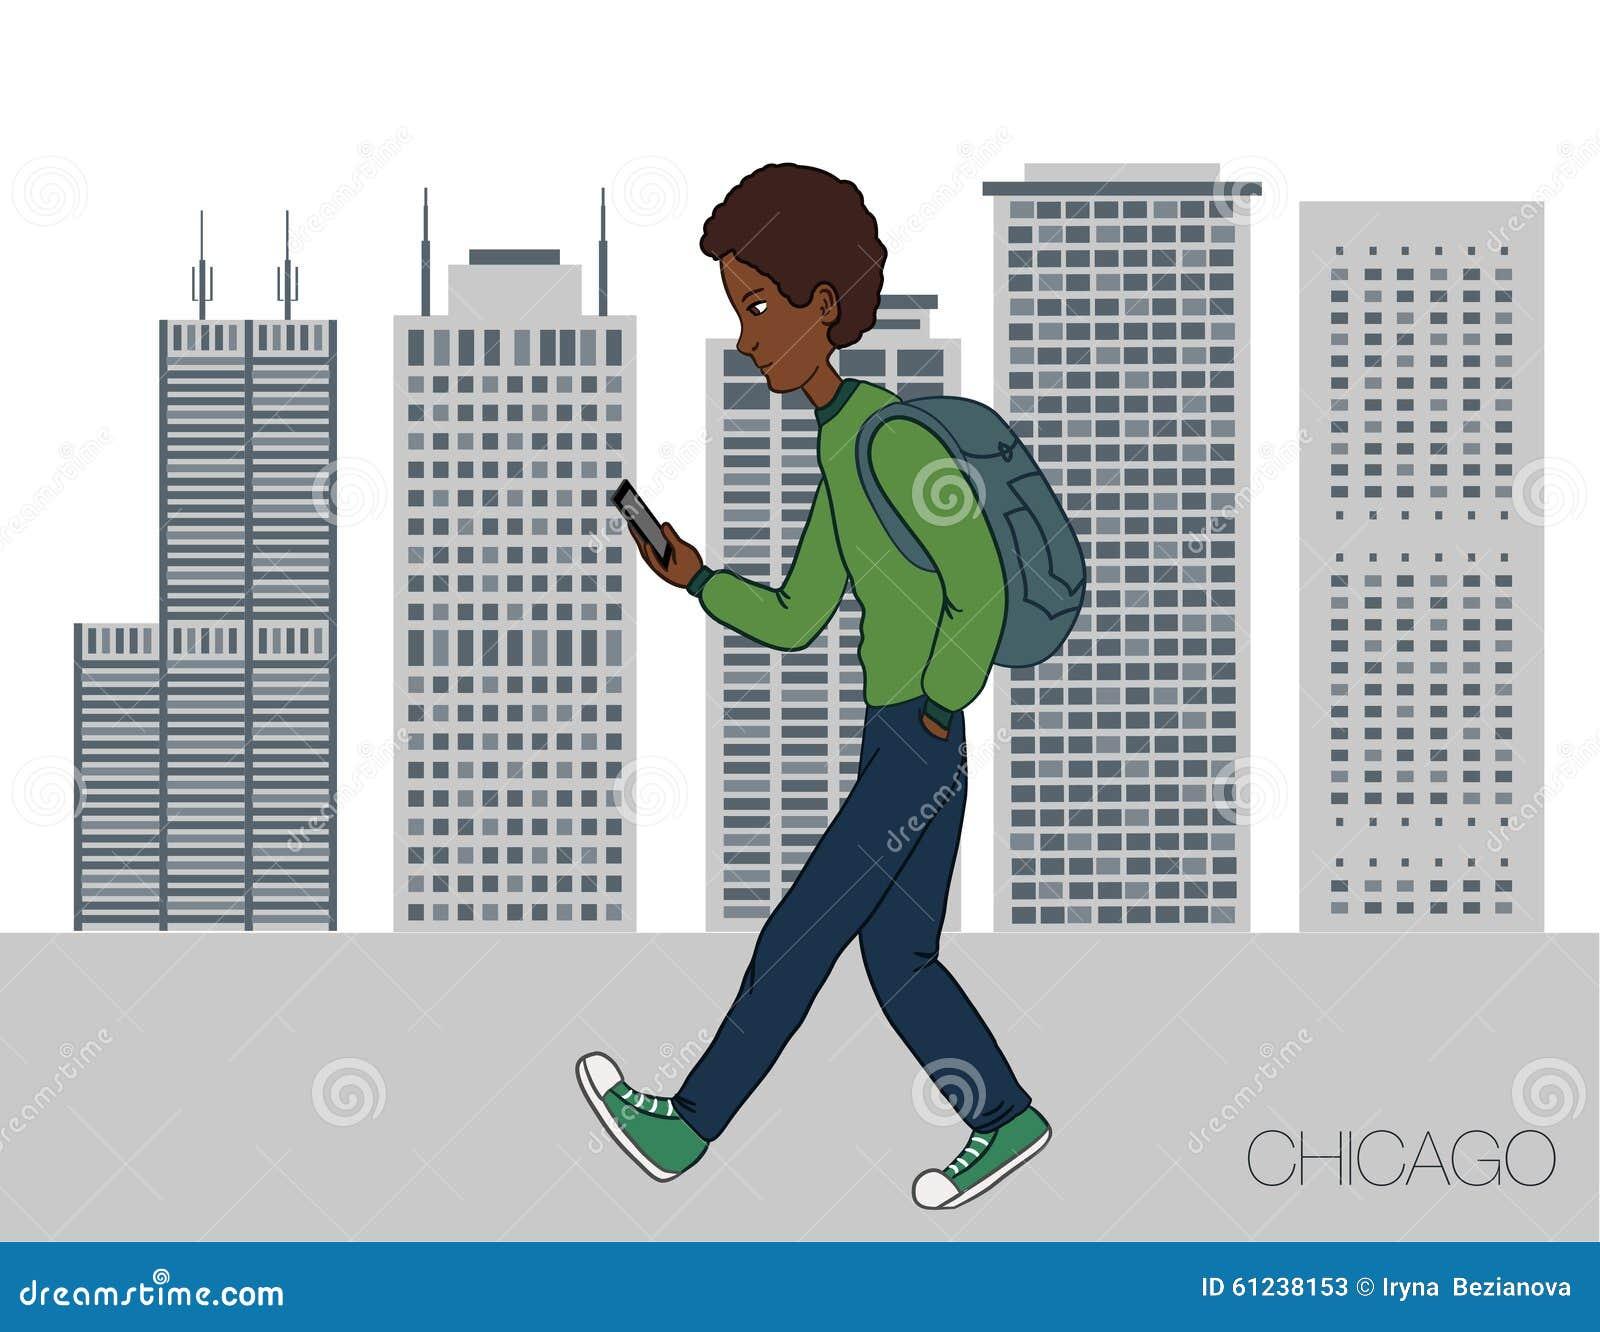 Online IT strolling